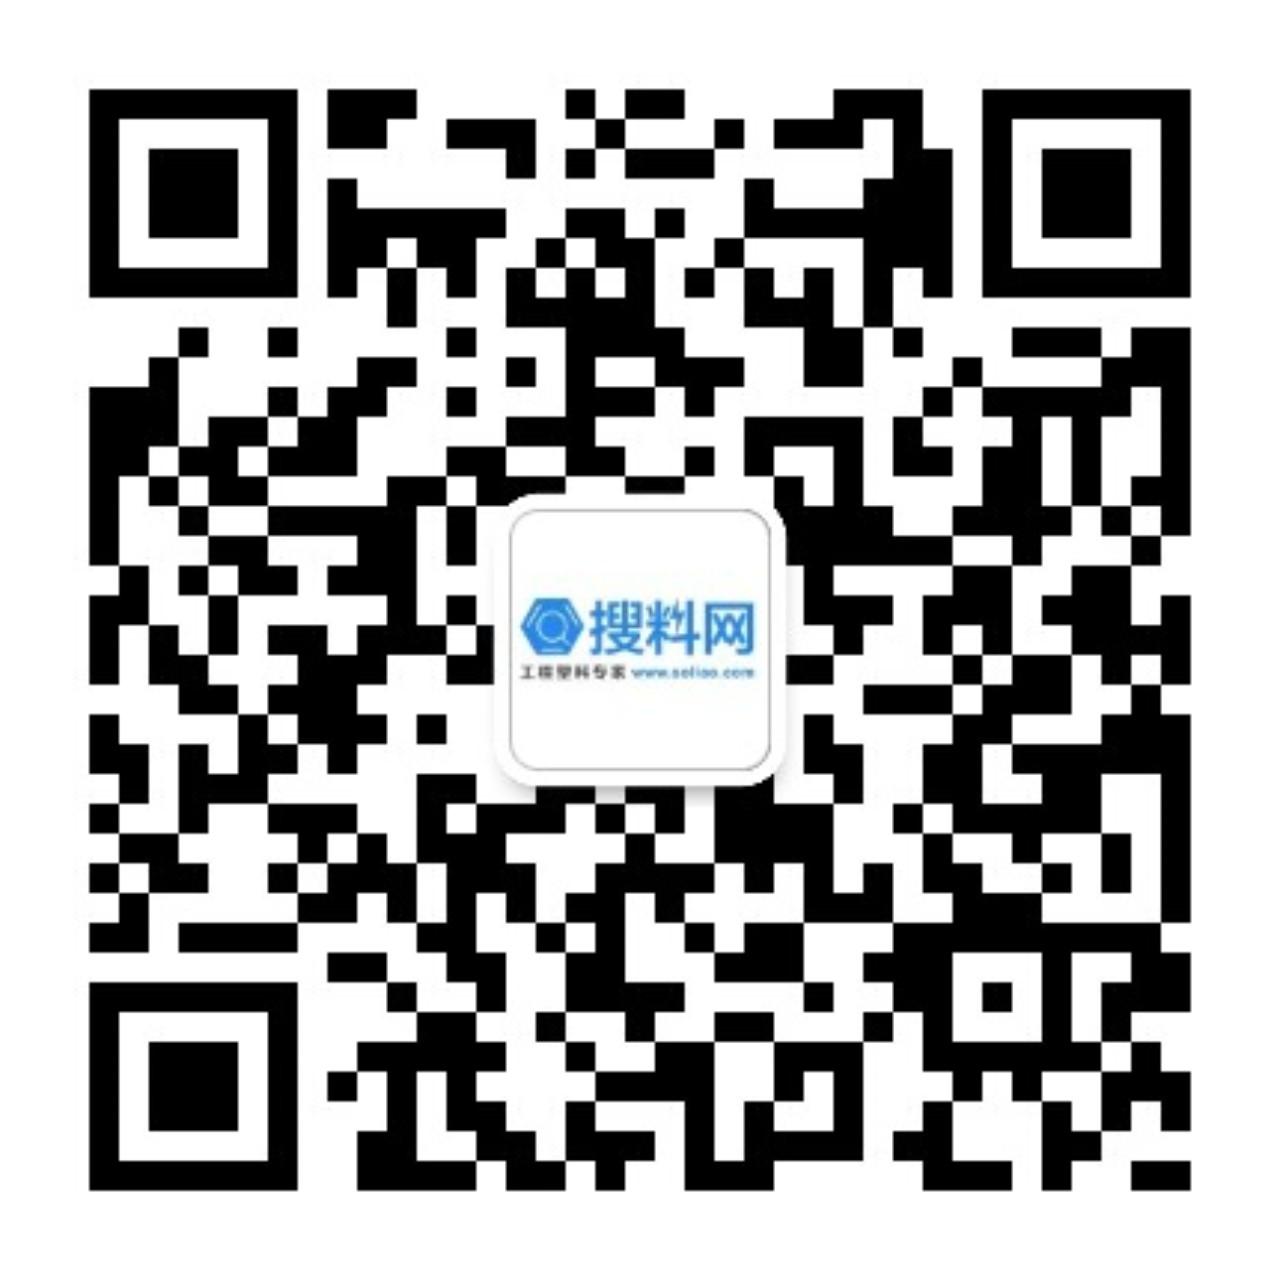 爱游戏-粤抢占先进材料产业高地